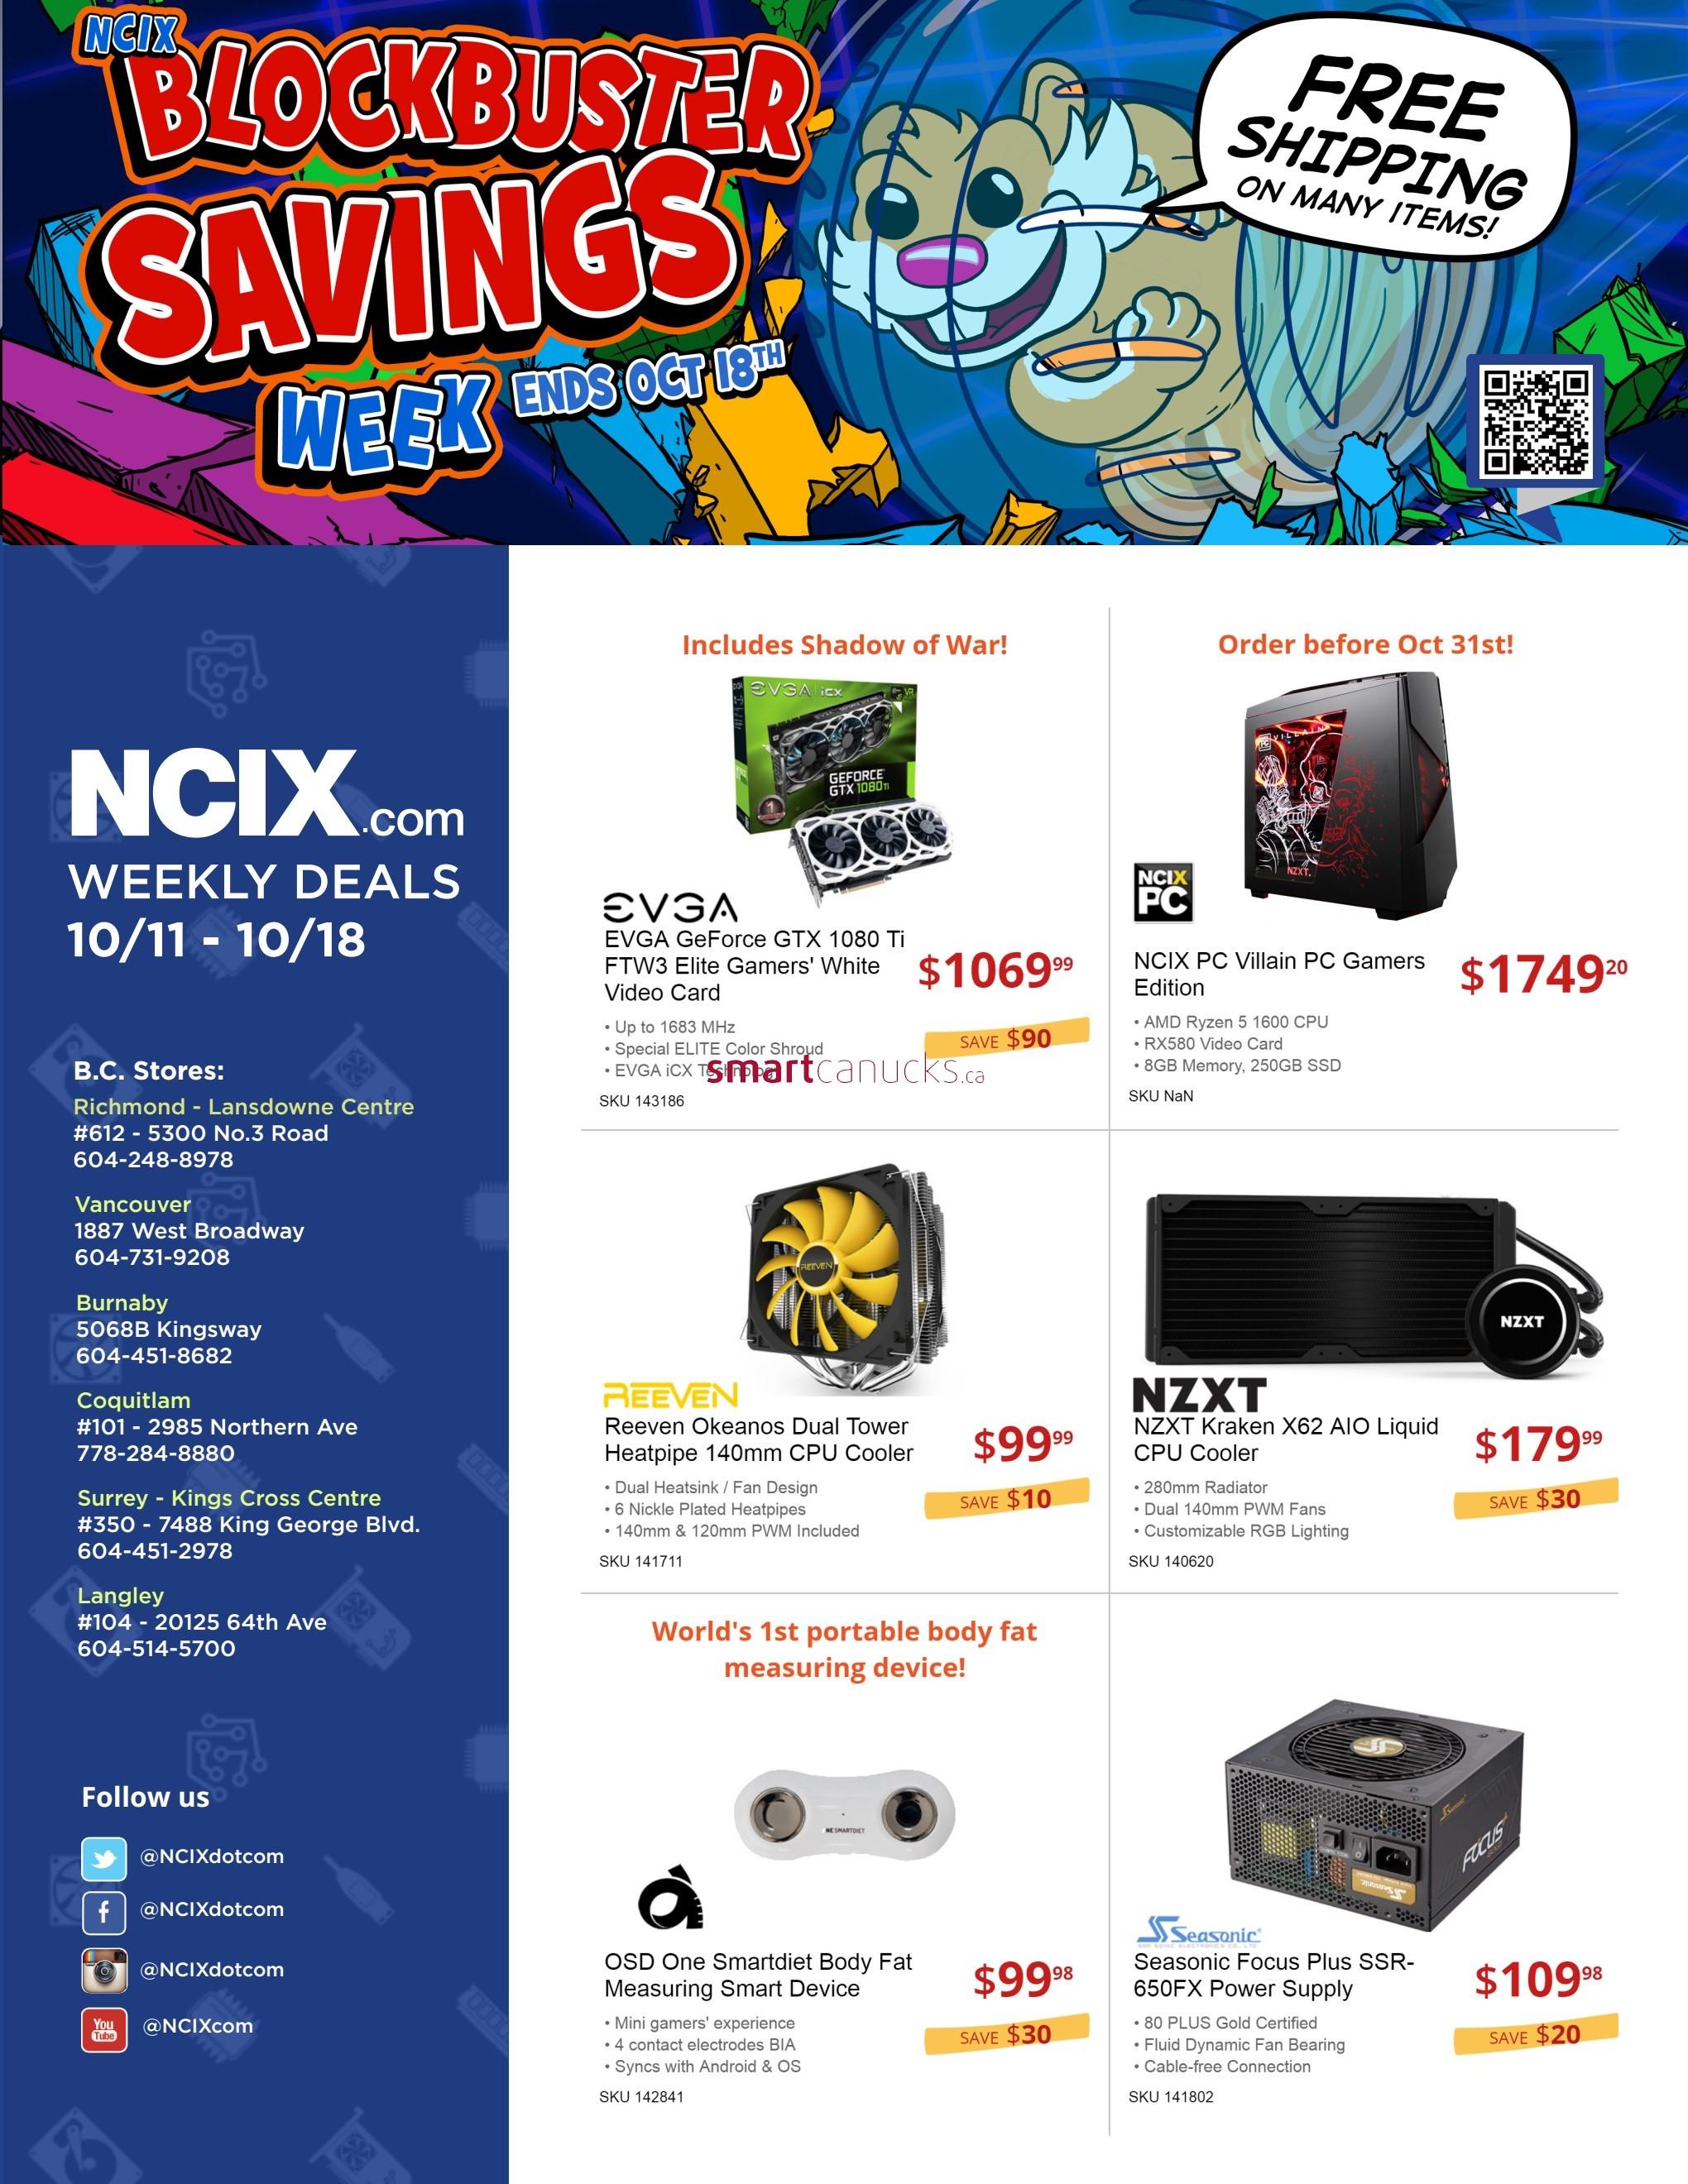 ncix coupon code october